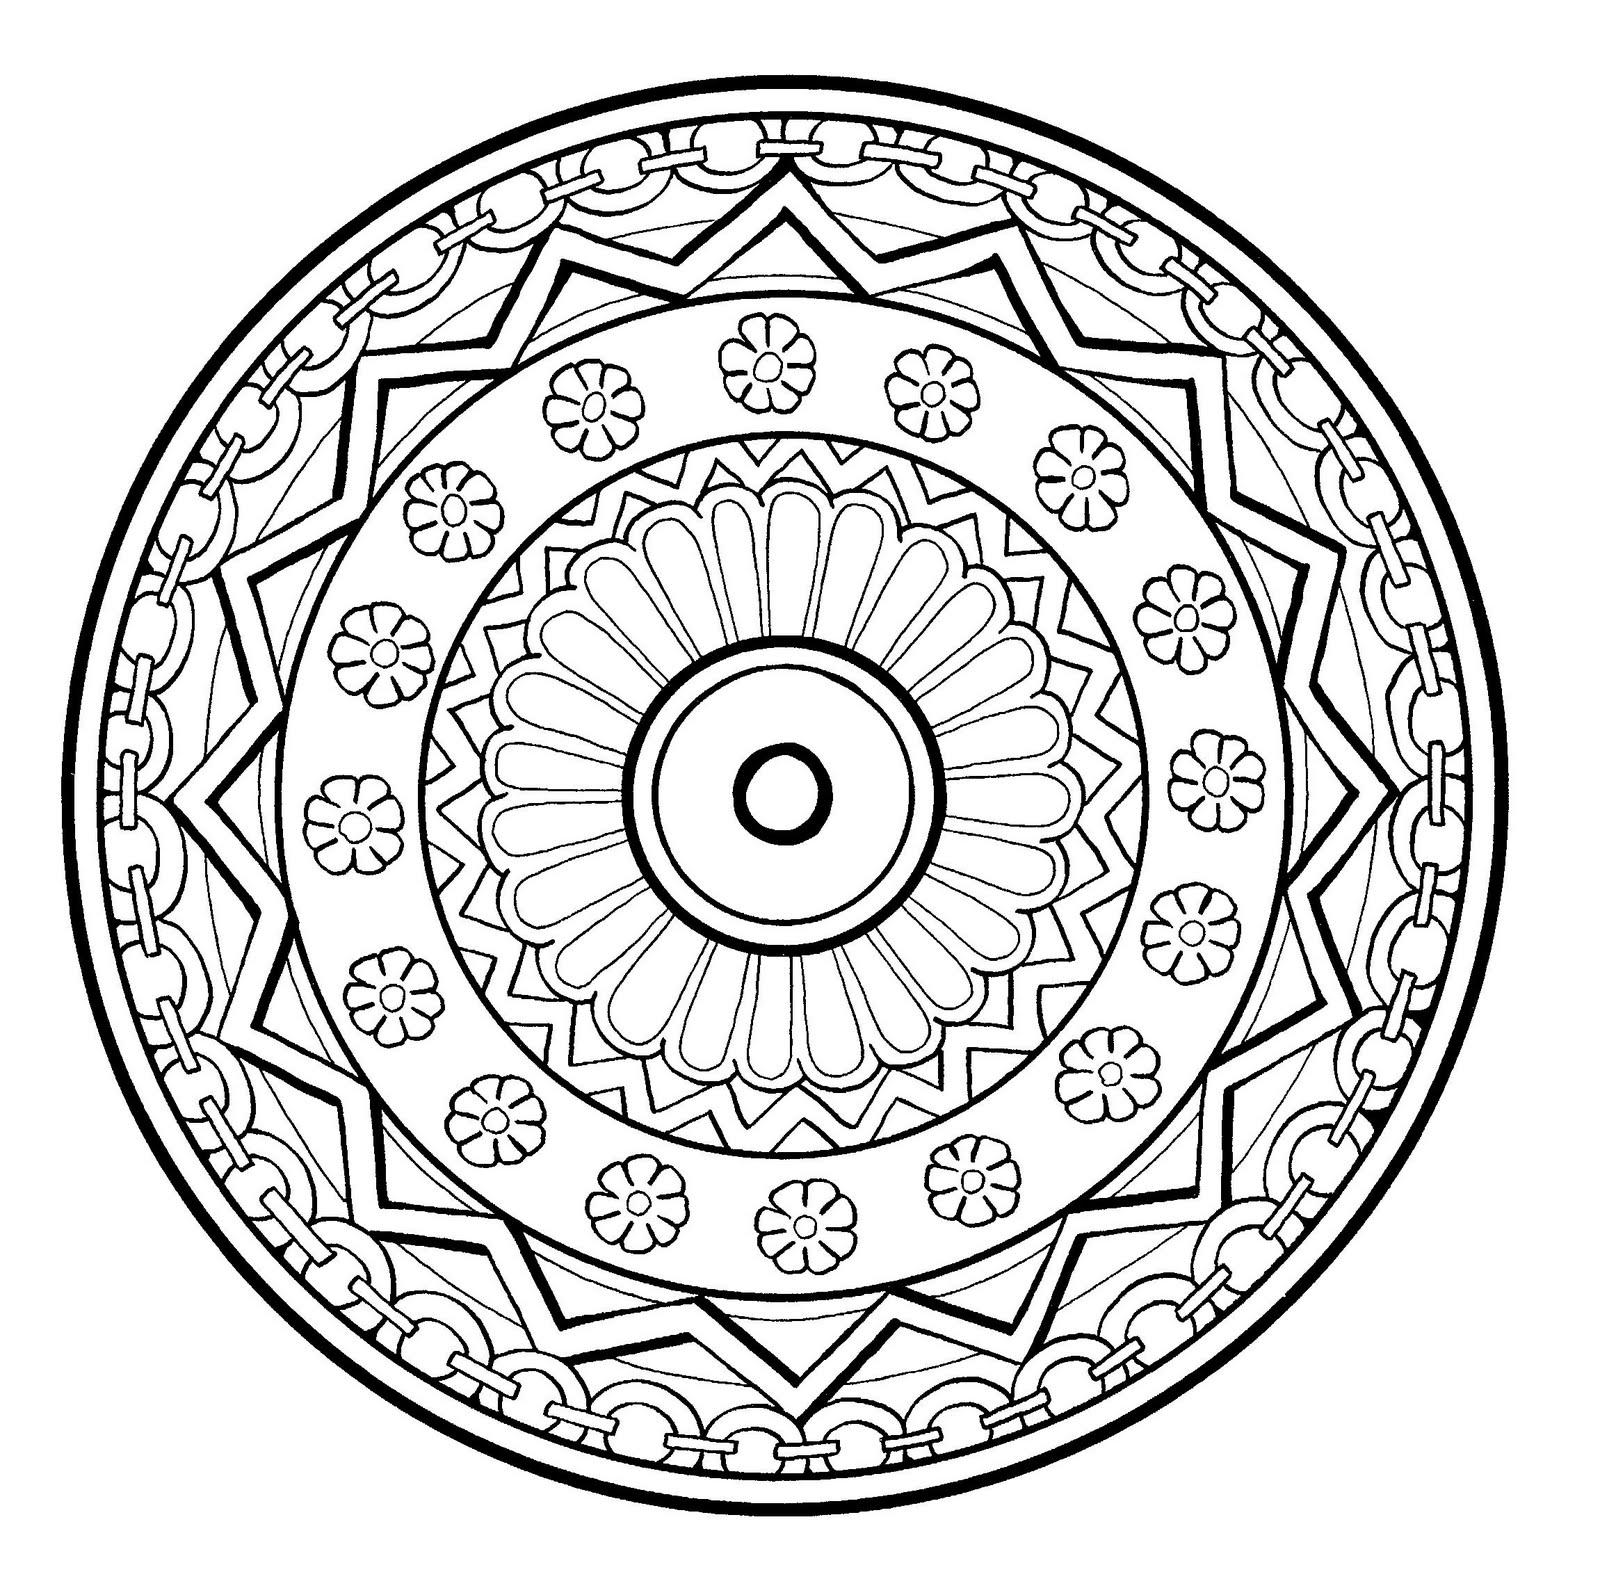 Mandala a imprimer 3 - Coloriage Mandalas - Coloriages ...